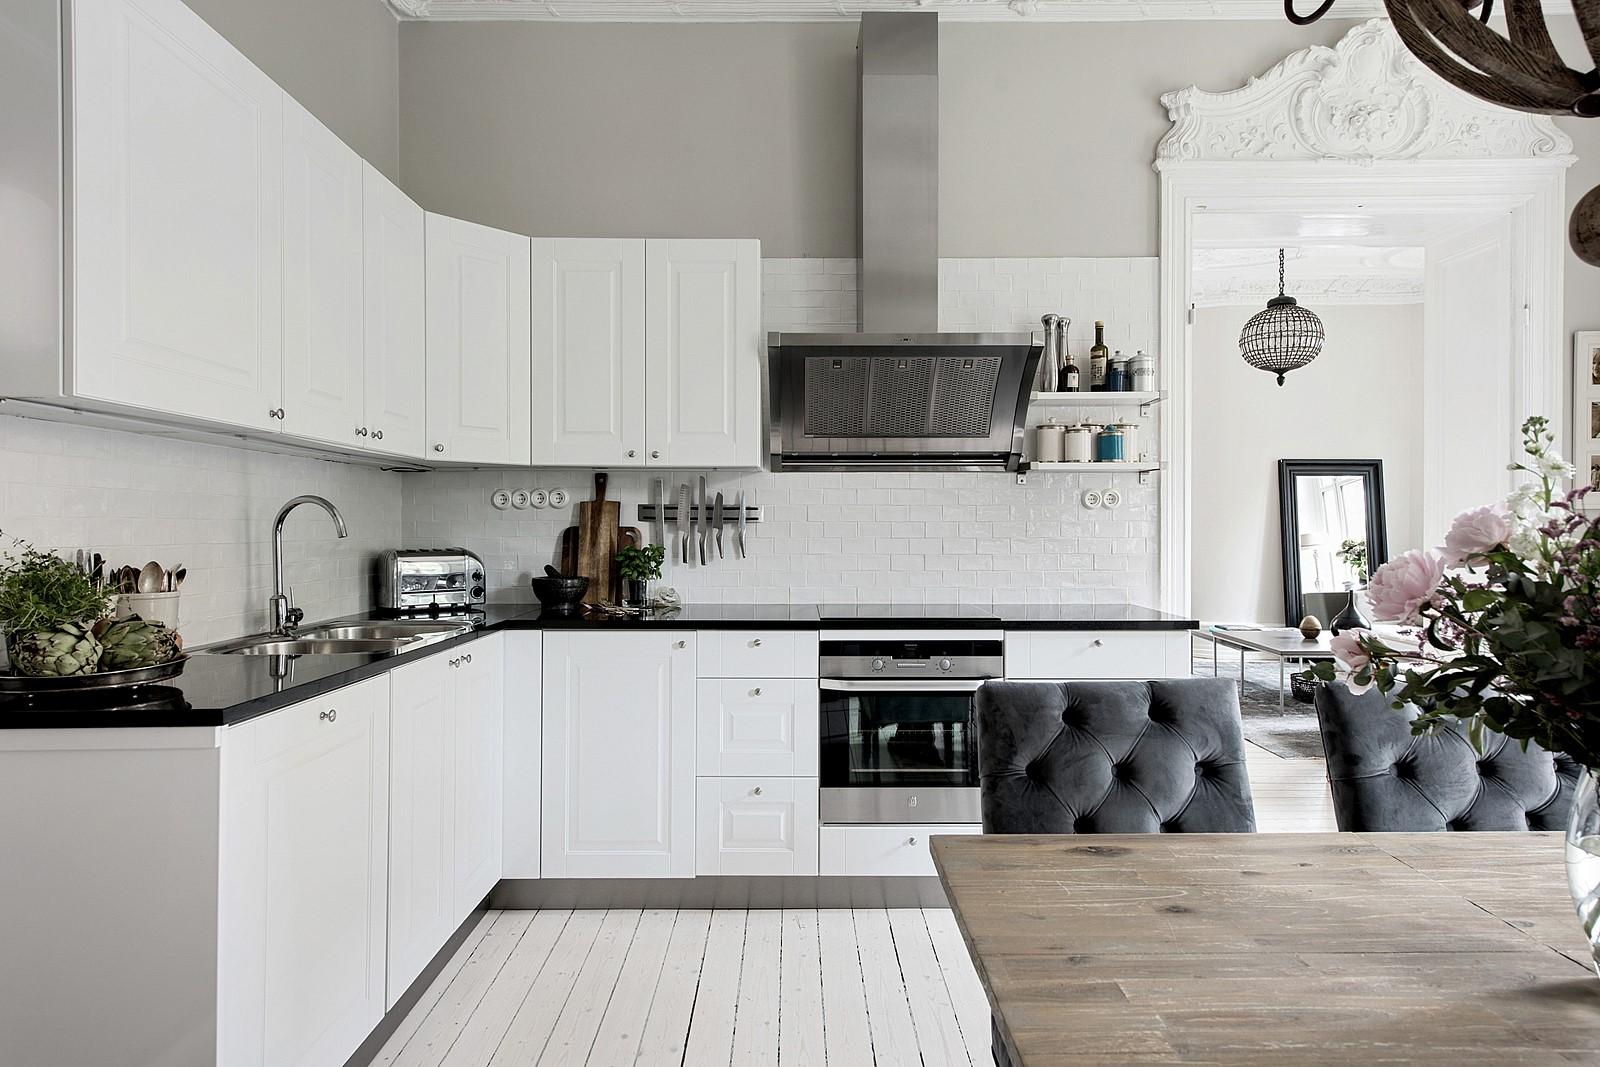 белая кухня кабанчик плита вытяжка